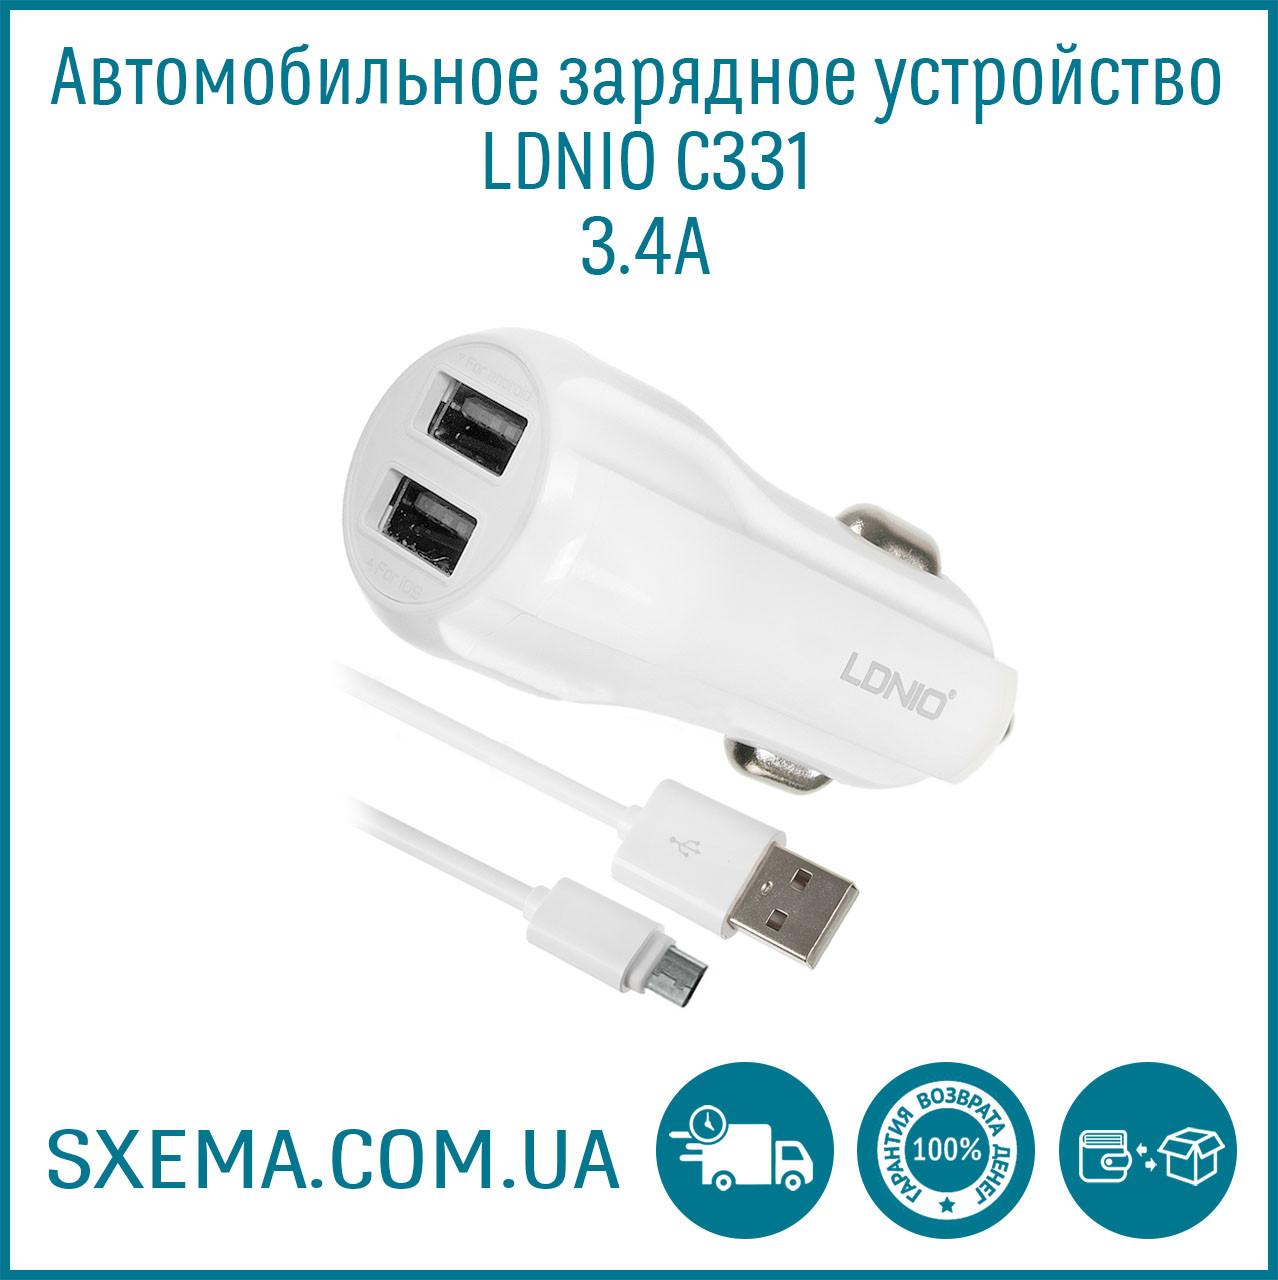 Автомобильное зарядное устройство USB LDNIO C331  3.4A , 2 USB с кабелем micro USB